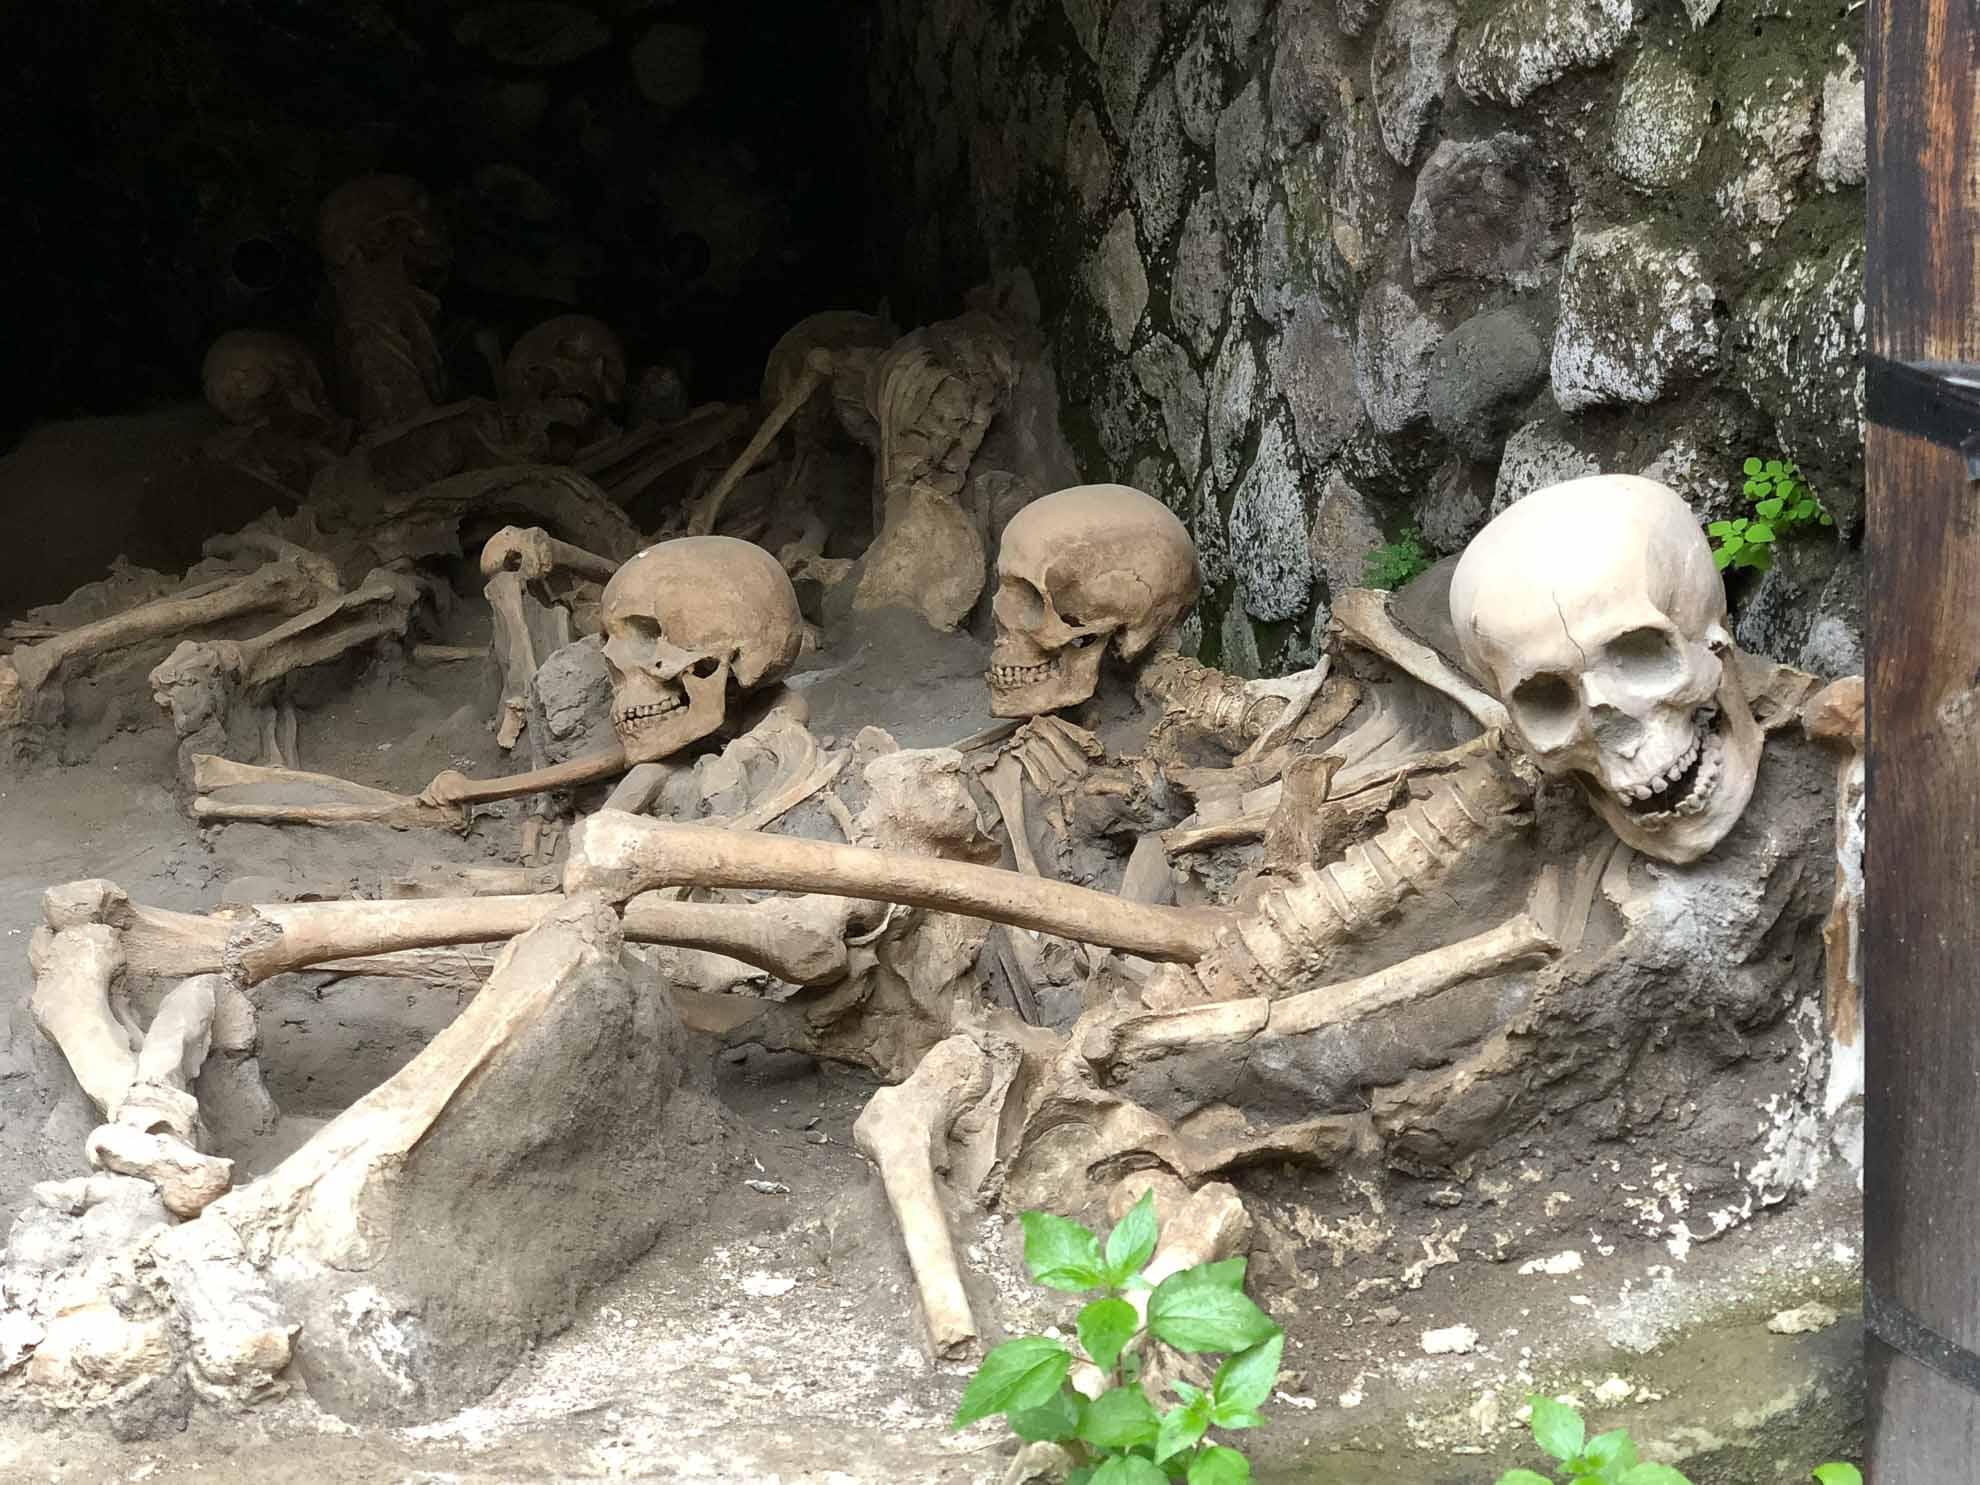 Doch nicht alle schafften es. Man fand zahlreiche Skelette in den Bootshäusern der Fischerstadt.